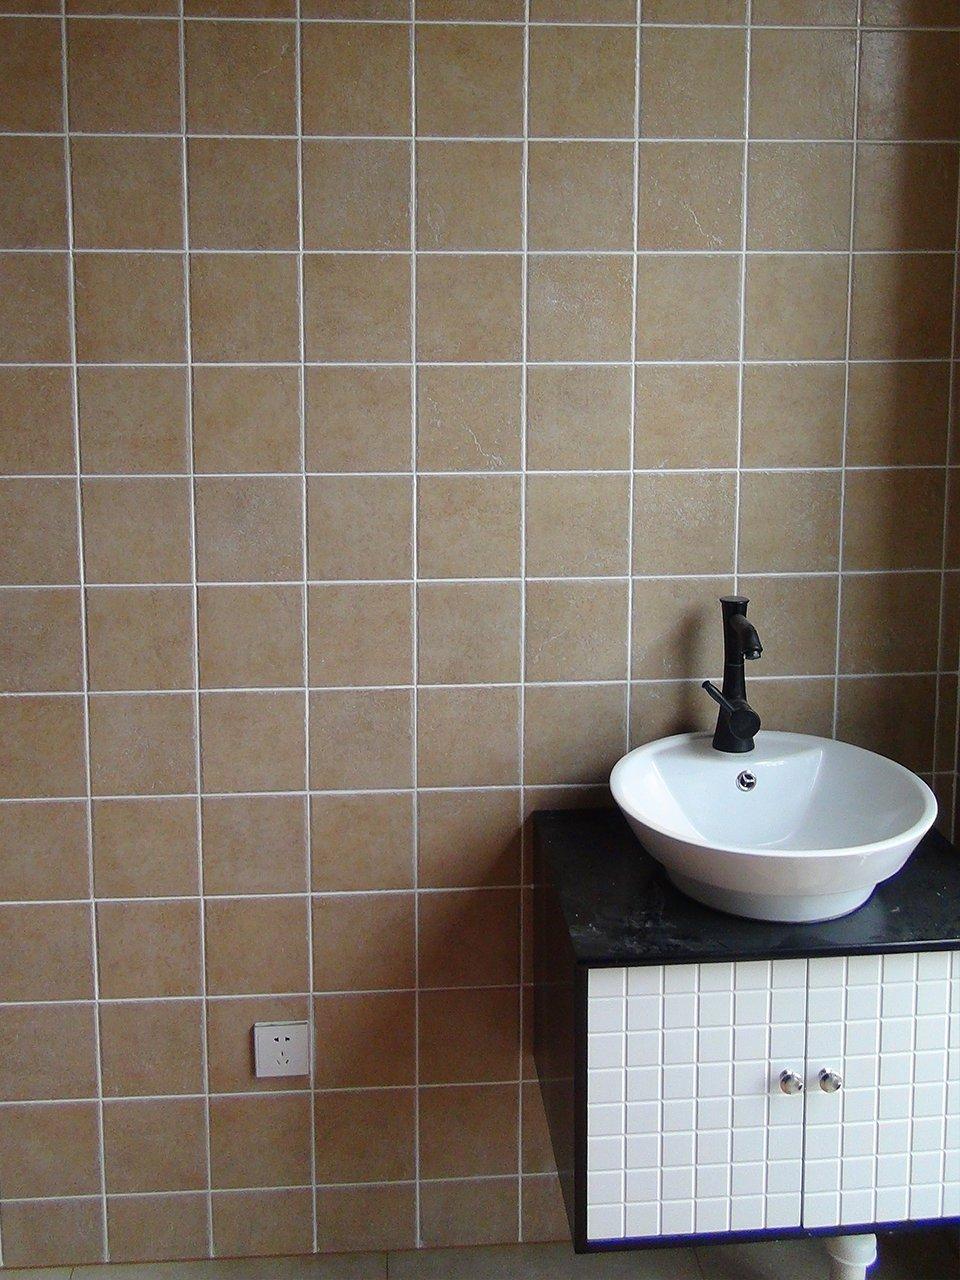 洗手池美縫劑效果圖